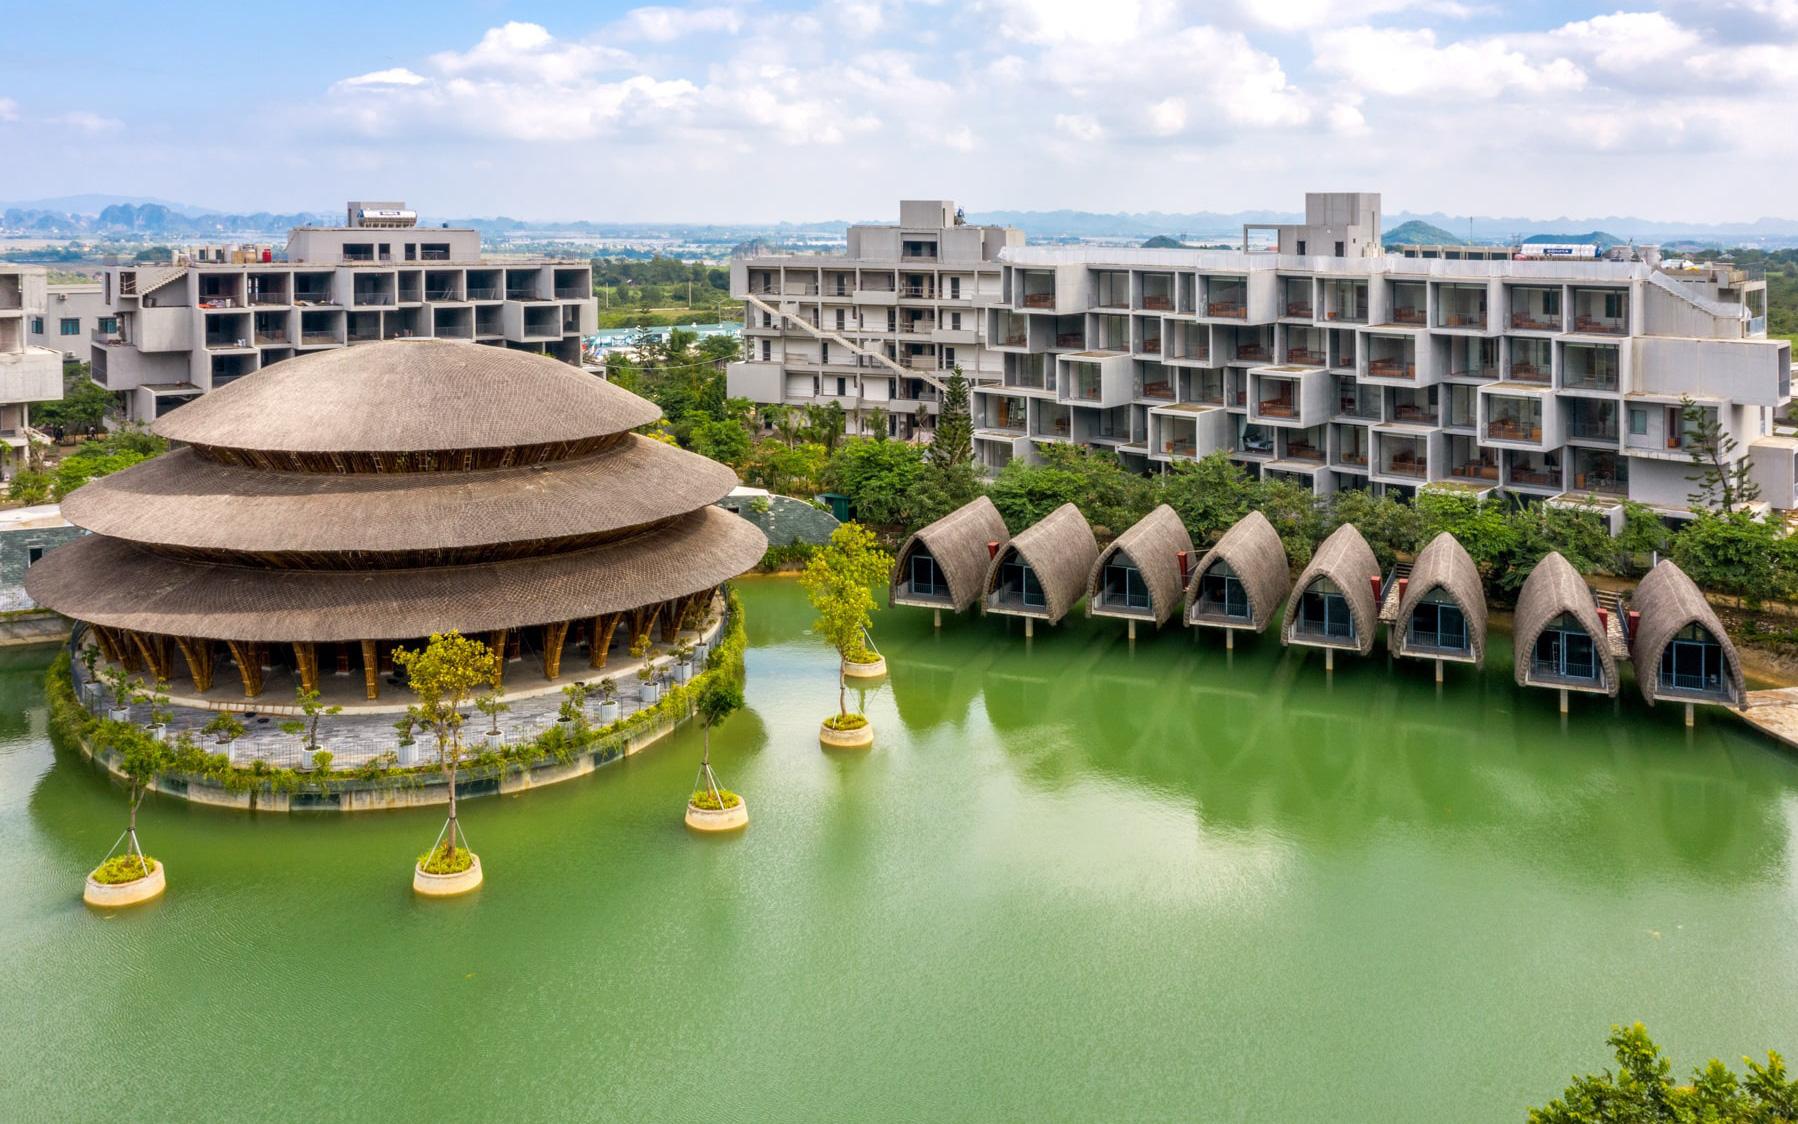 Sự kiện ra mắt biệt thự mẫu Vedana Resort gây ấn tượng bởi quy mô và chuyên nghiệp